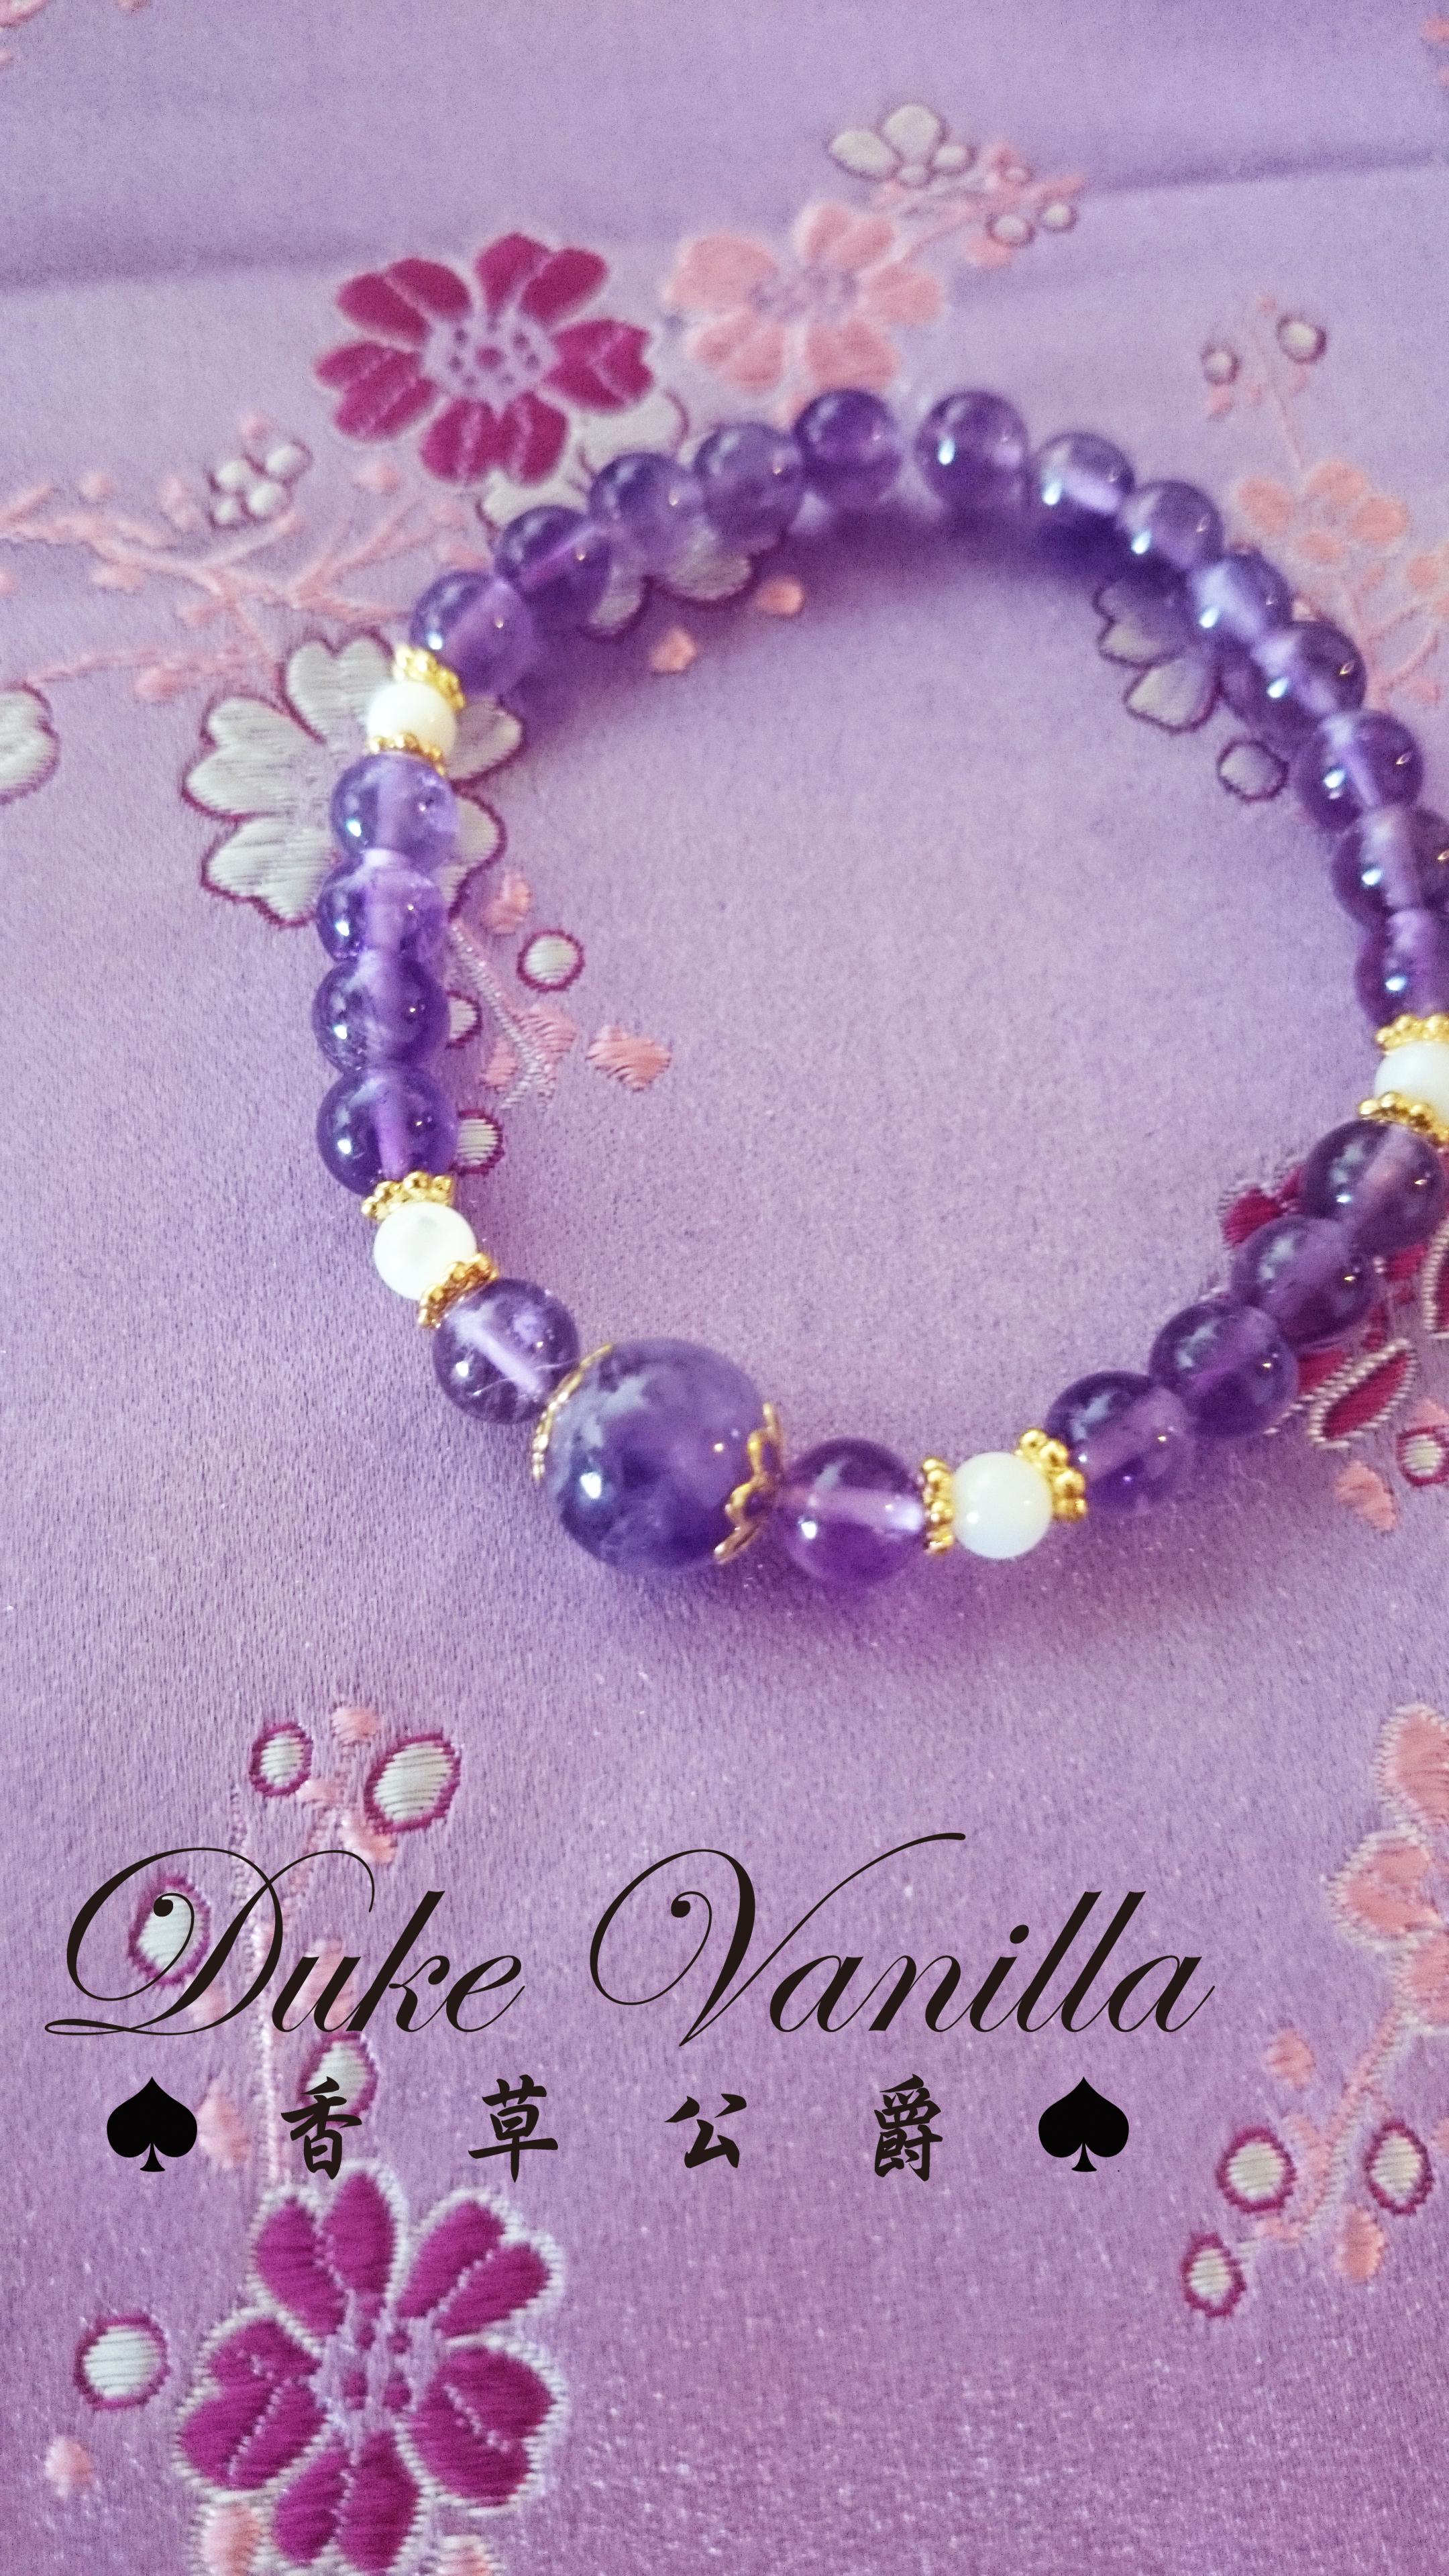 紫水晶車輪白貝殼珠相間手環 - Duke Vanilla 香草公爵